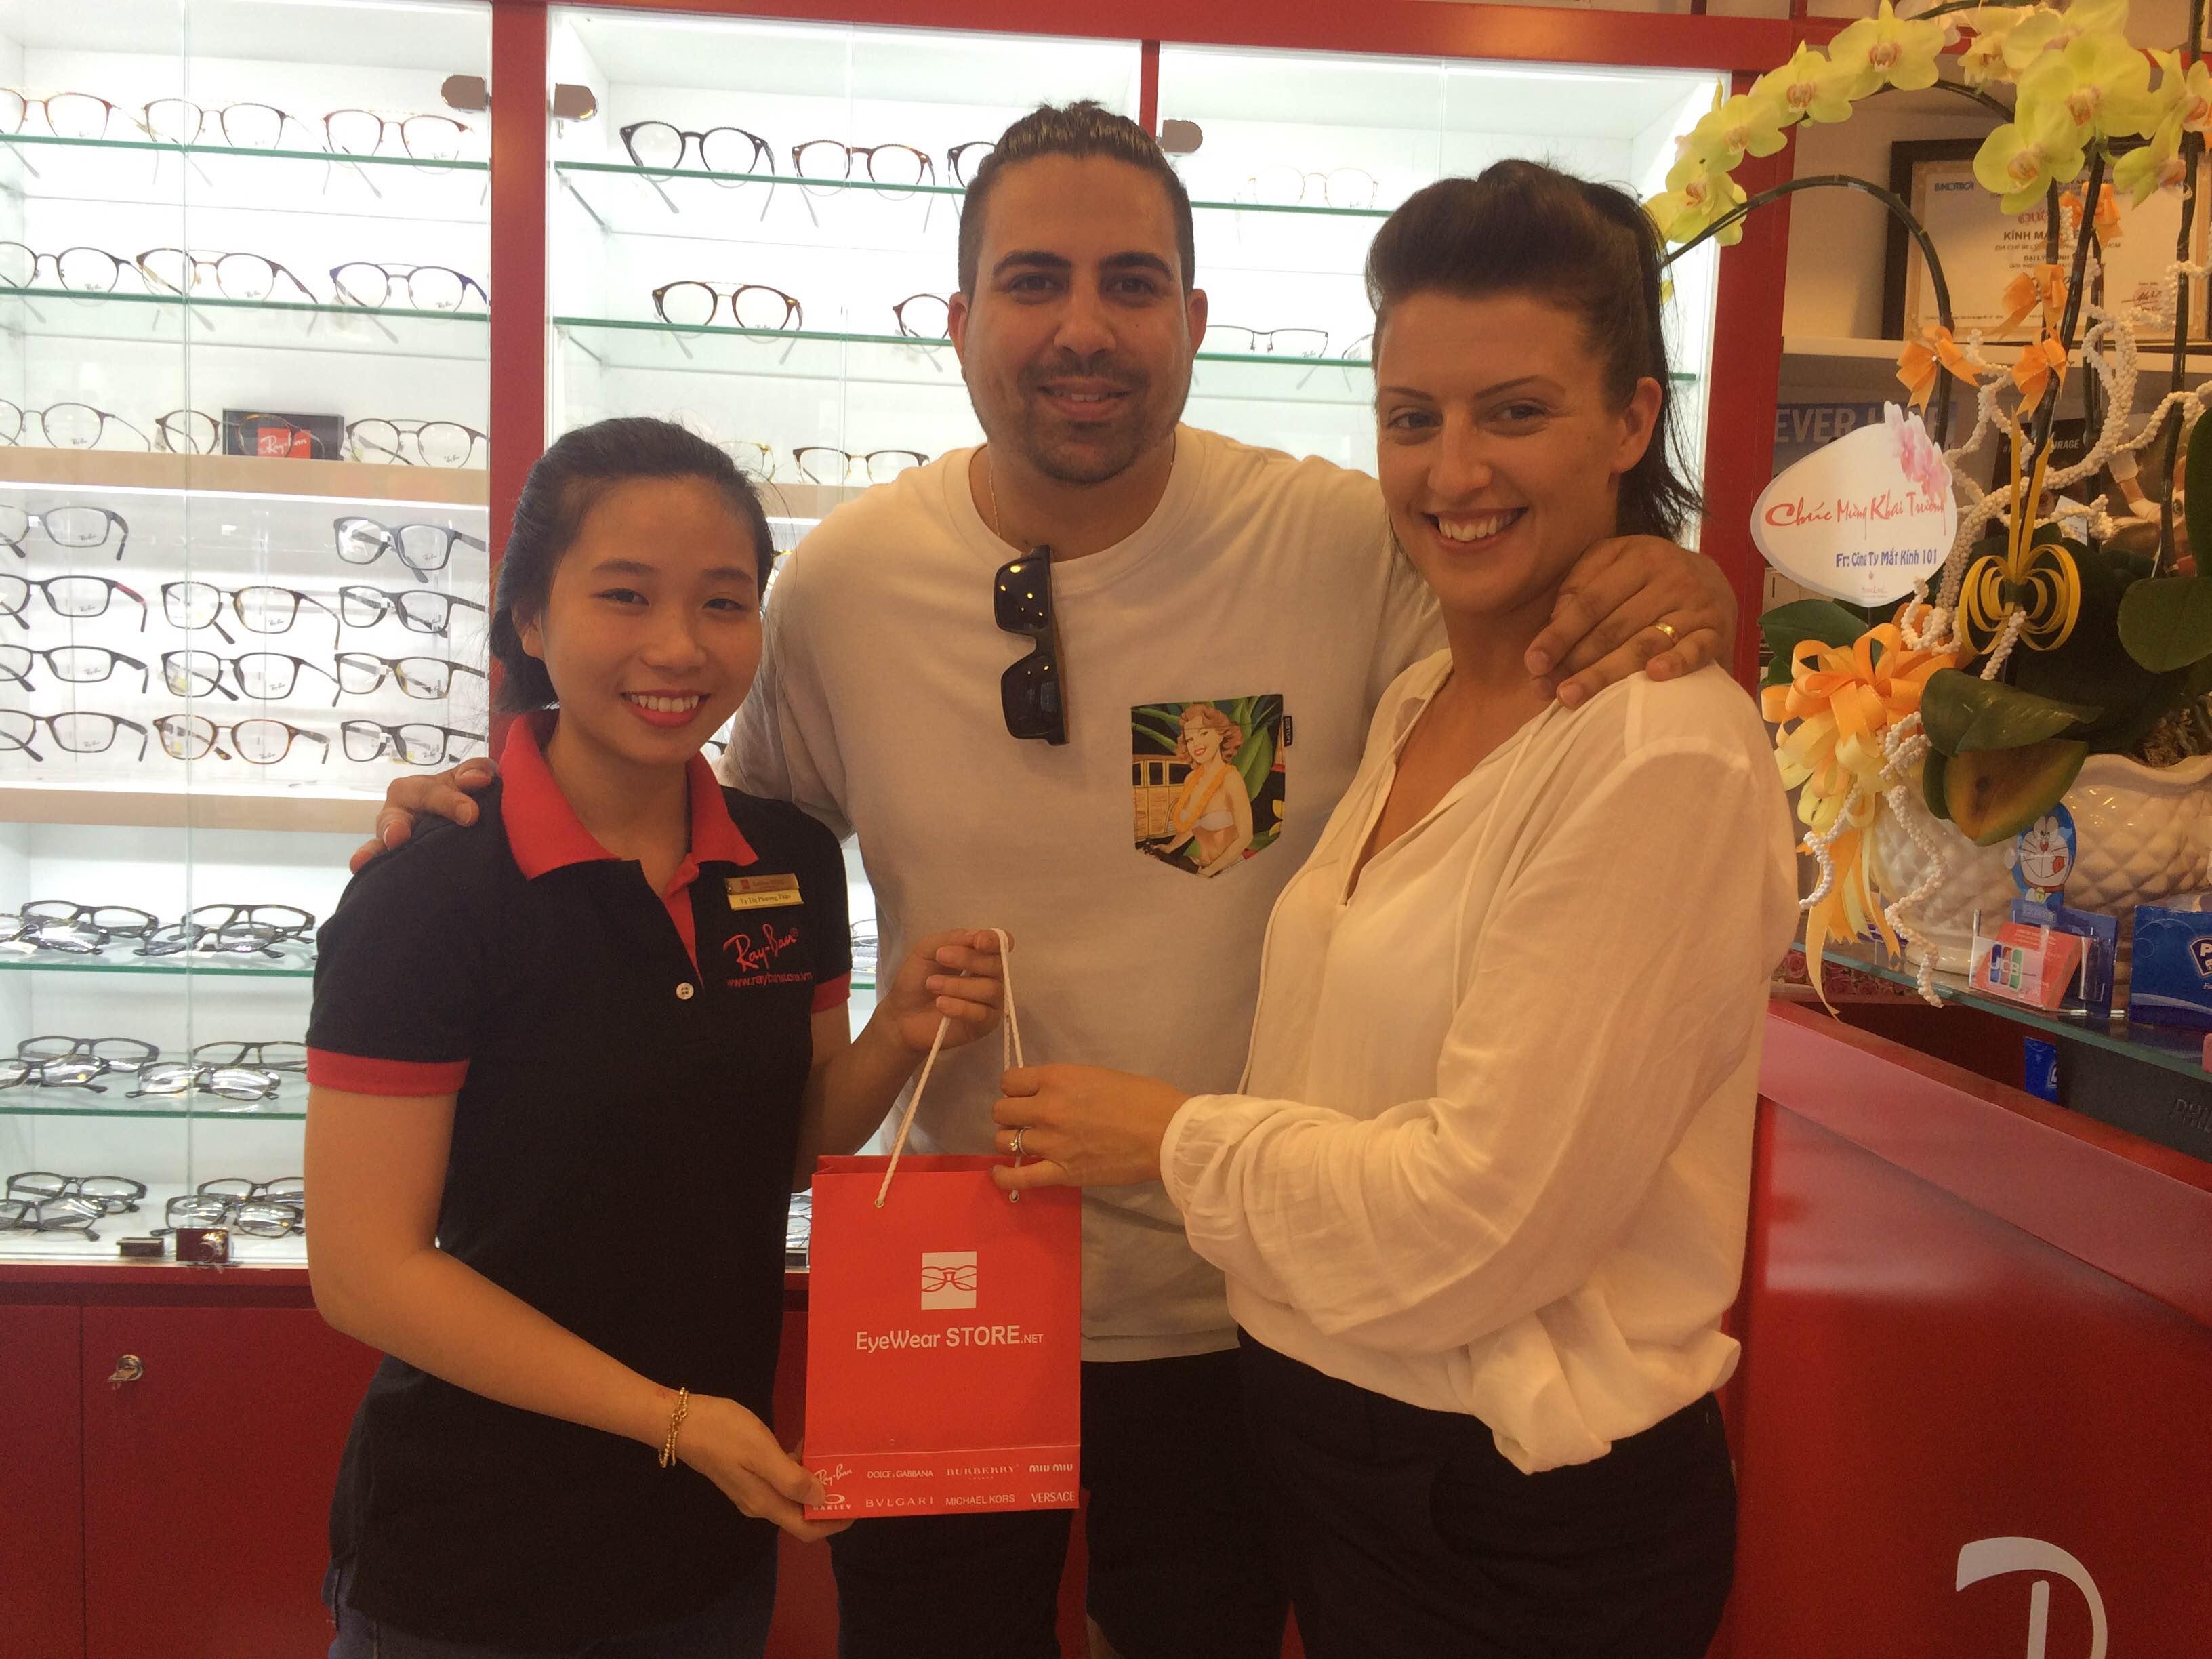 Hai Anh chị khách nước ngoài đã ủng hộ Eyewear STORE mẫu Versace cao cấp